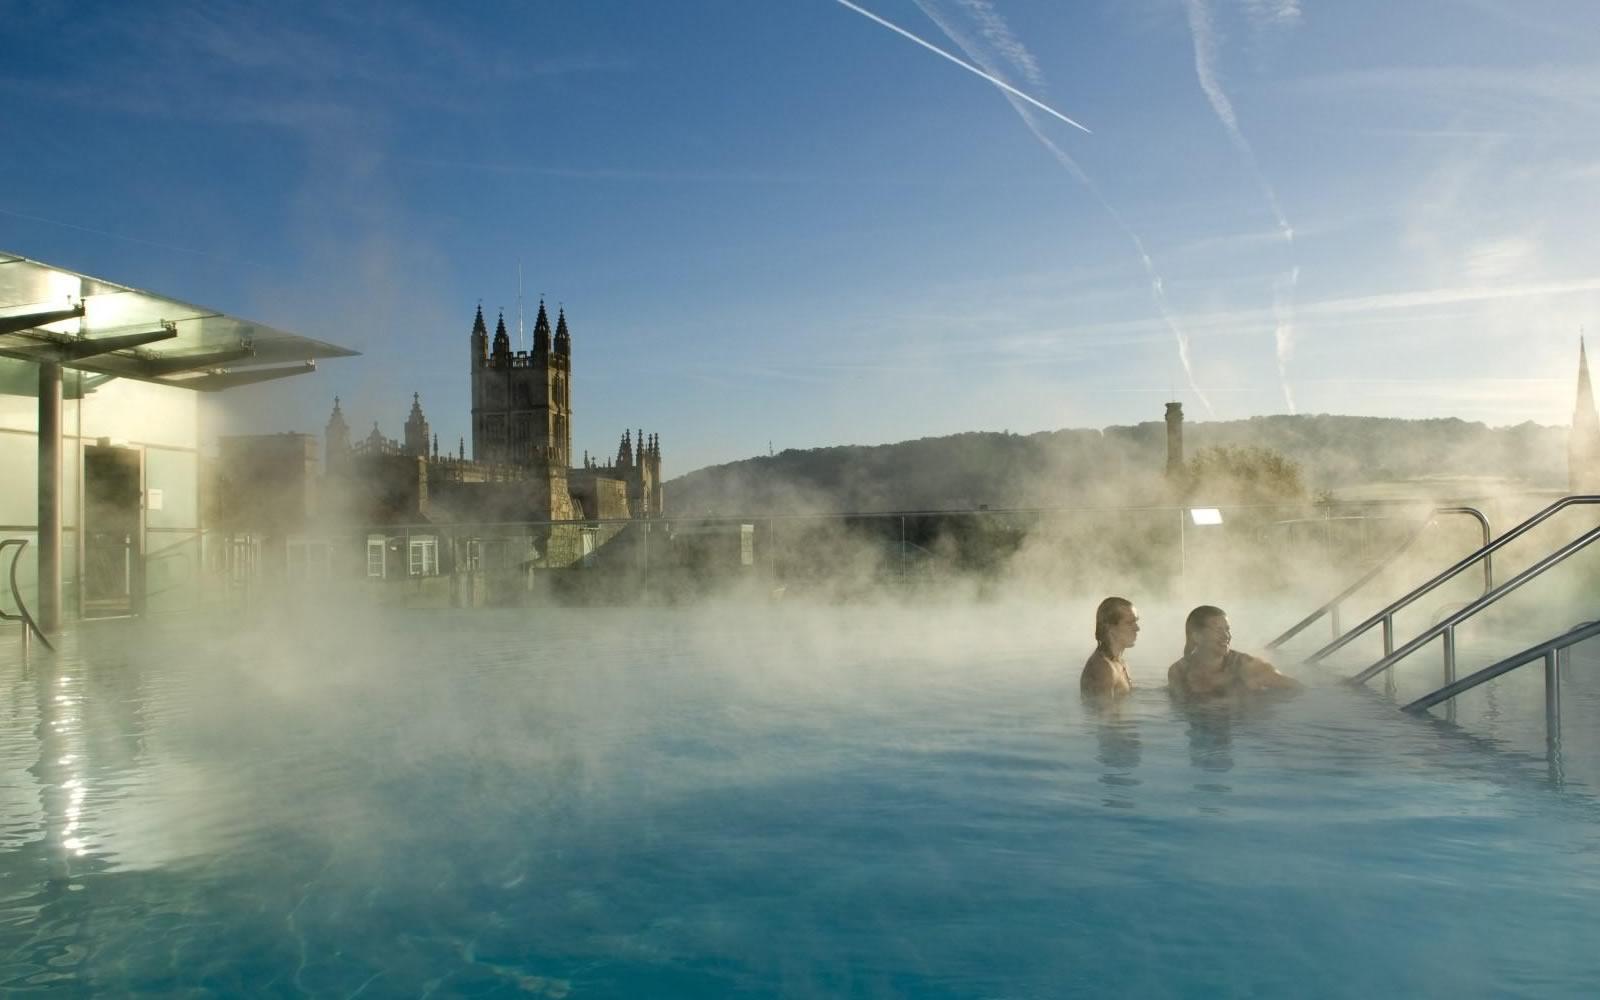 Quali prospettive per il turismo del benessere?